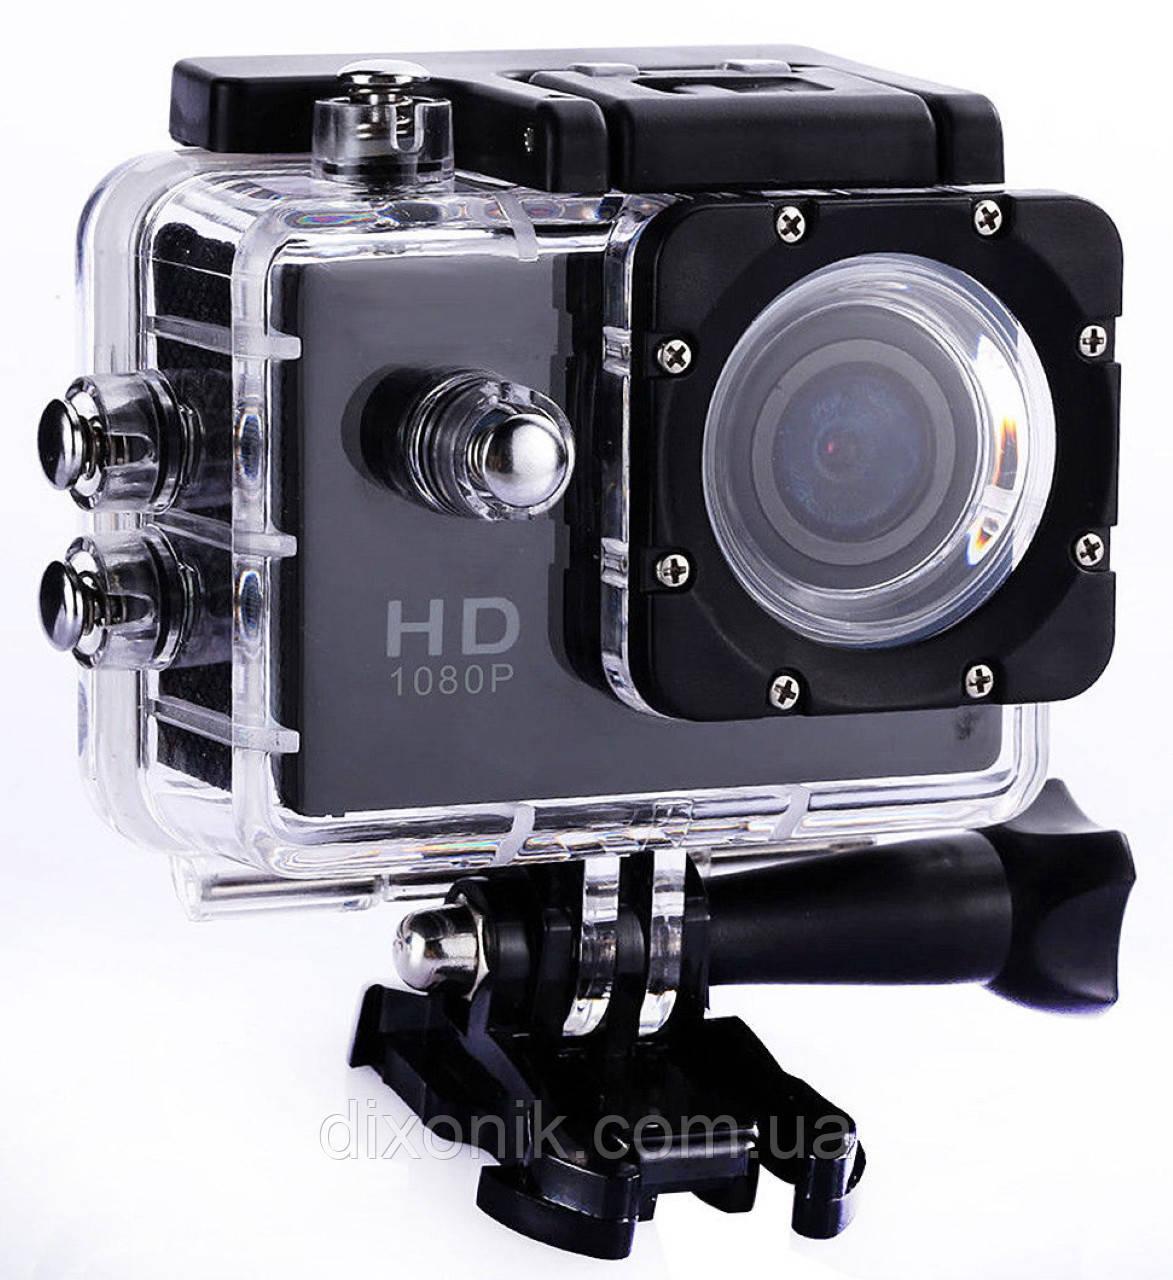 Туристическая Экшн камера Action Camera D600 Full HD для подводной съемки